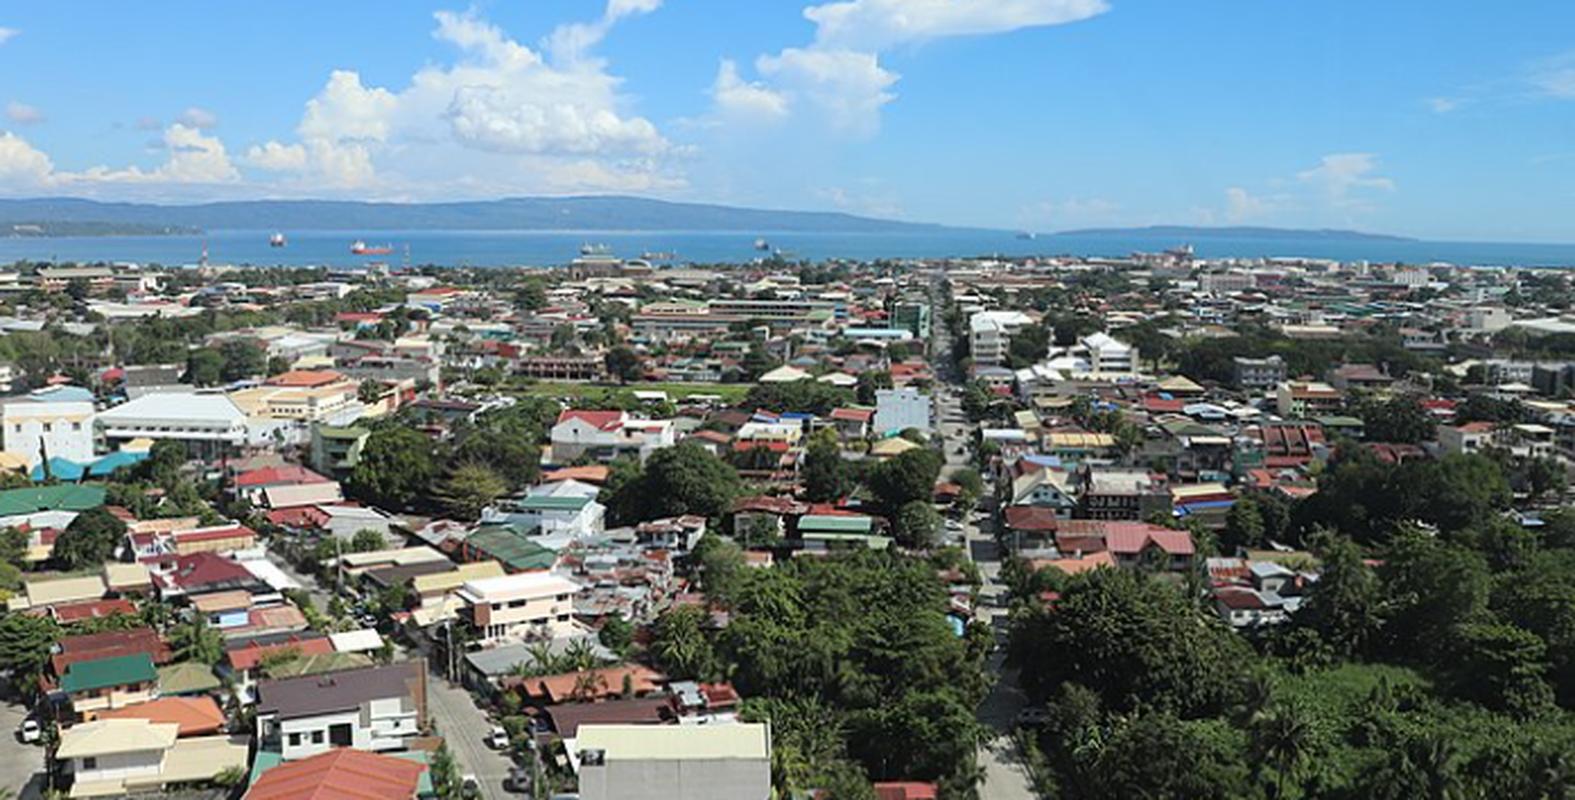 Kham pha bat ngo ve cuoc song o dat nuoc Philippines